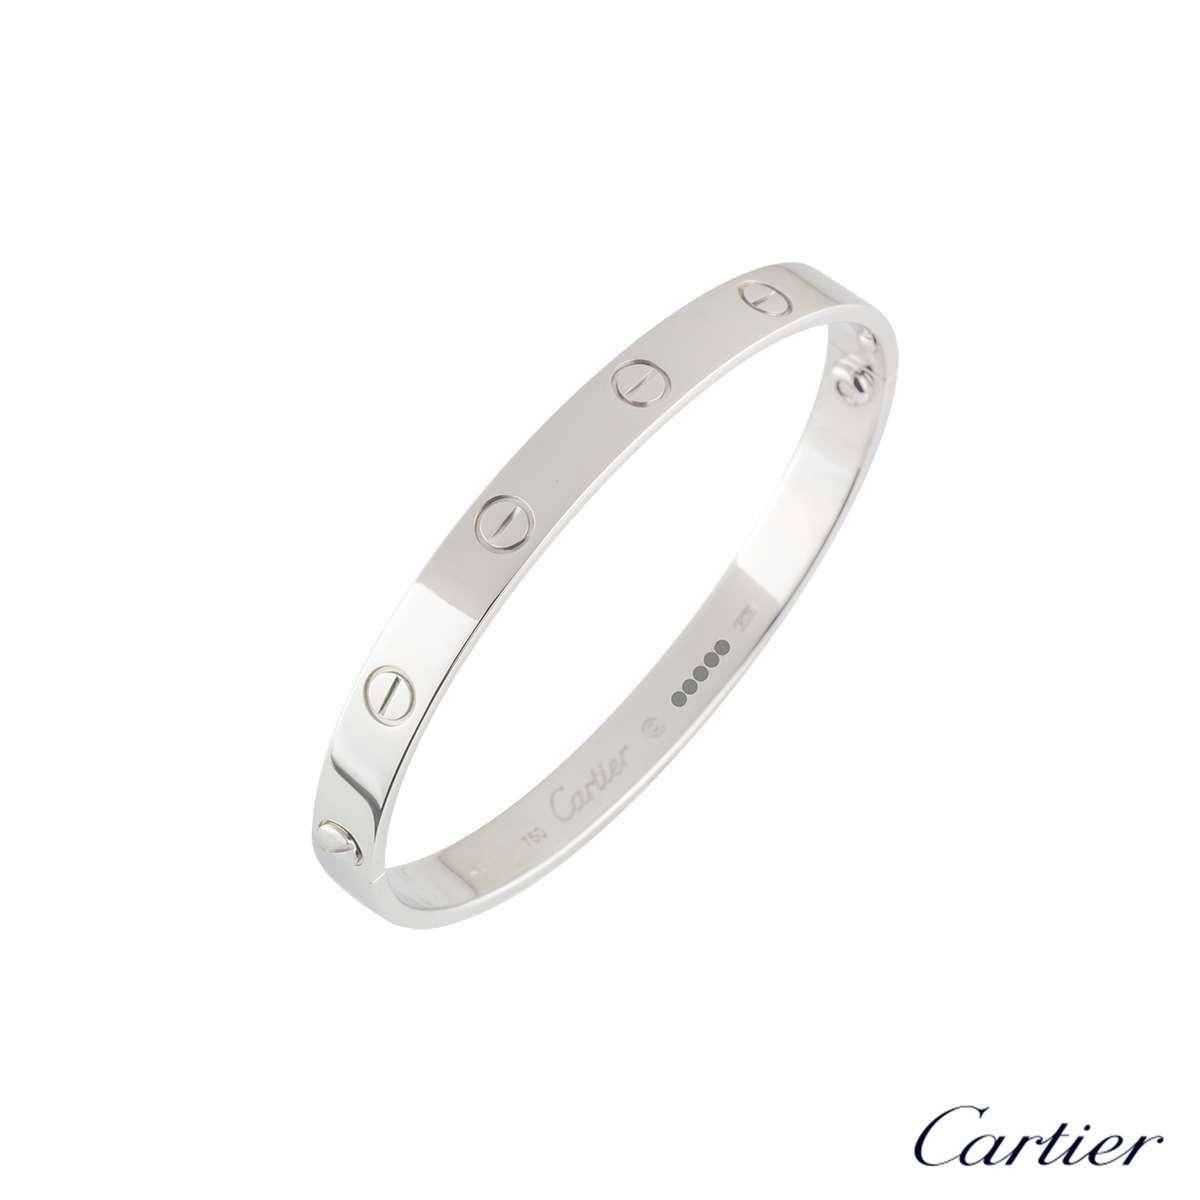 CartierWhite Gold Plain Love Bracelet Size 17 B6035417